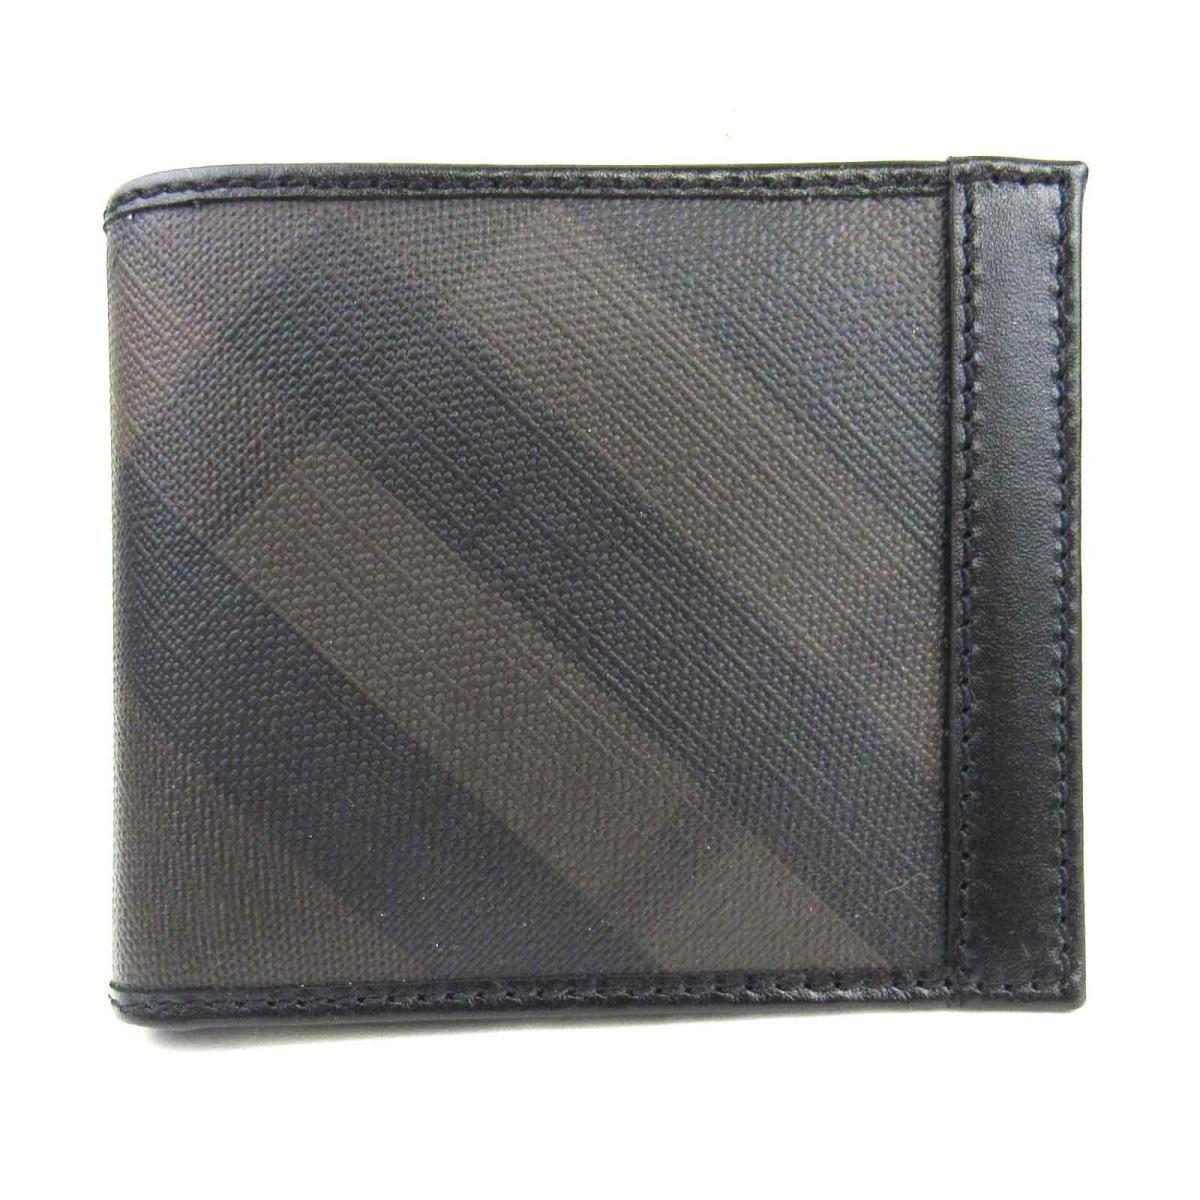 【中古】バーバリー 二つ折り財布 ユニセックス レザー x コーティングキャンバス ブラック x ダークブラウン